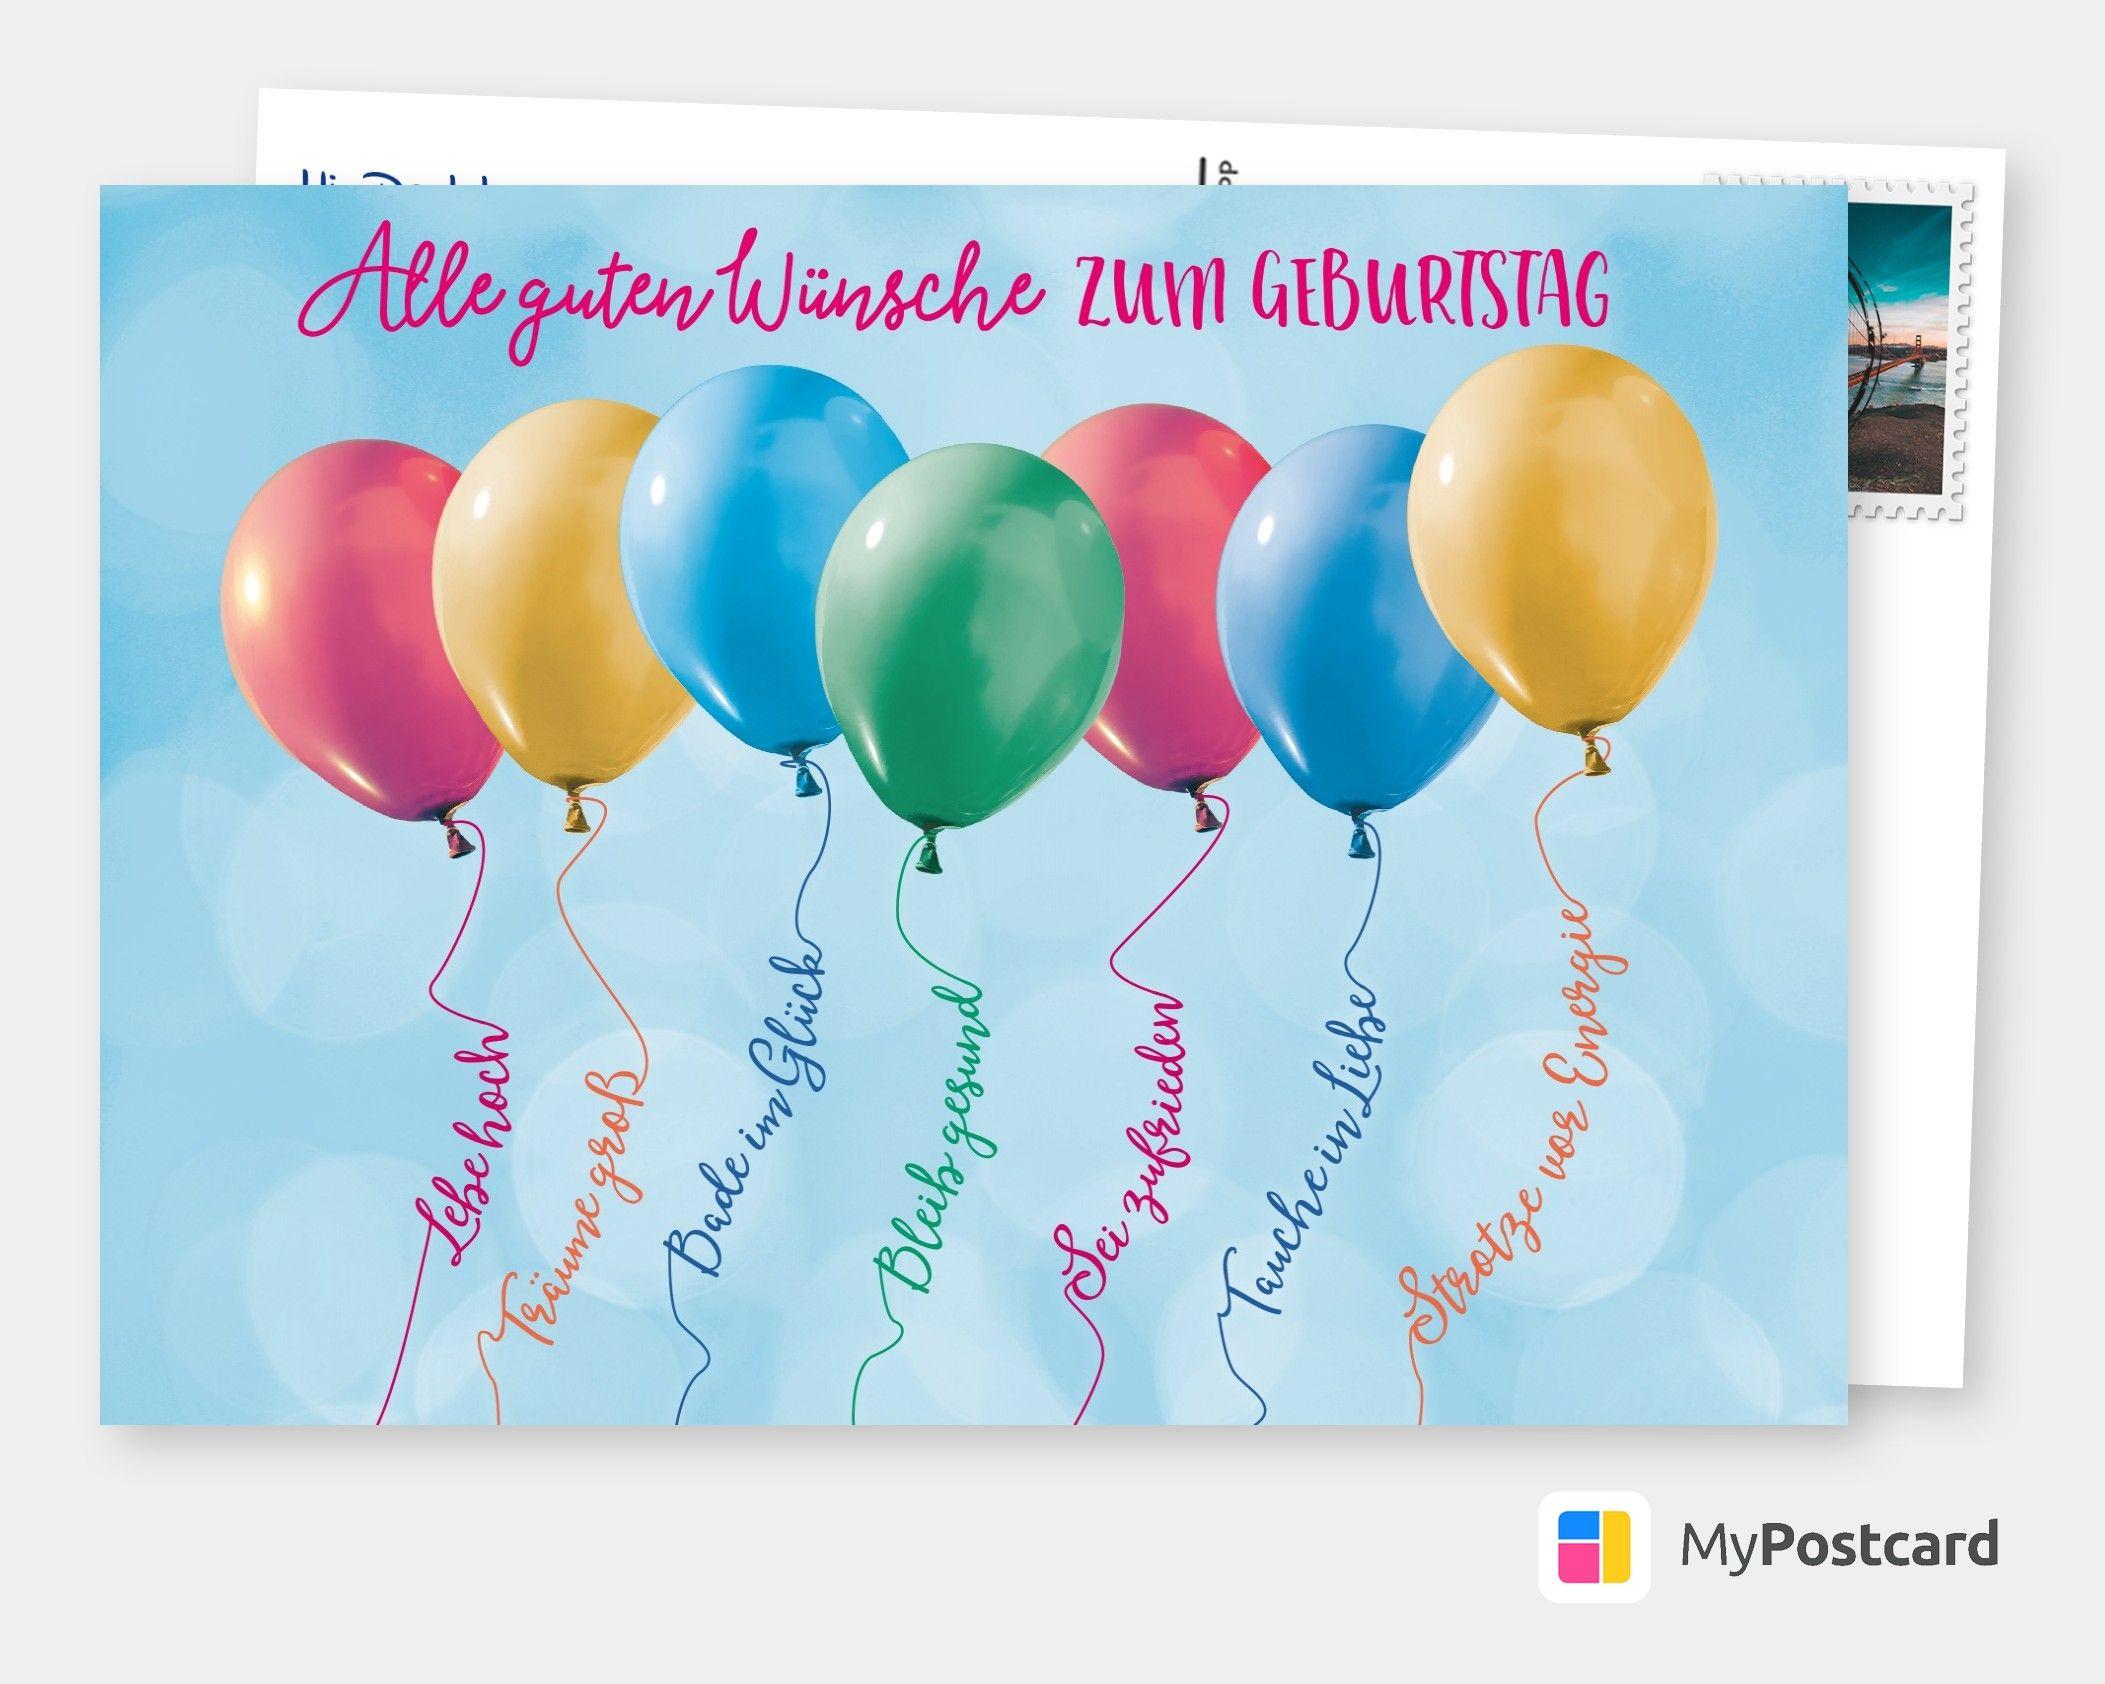 Alle Guten Wunsche Zum Geburtstag Gluckwunsche Geburtstag Lustig